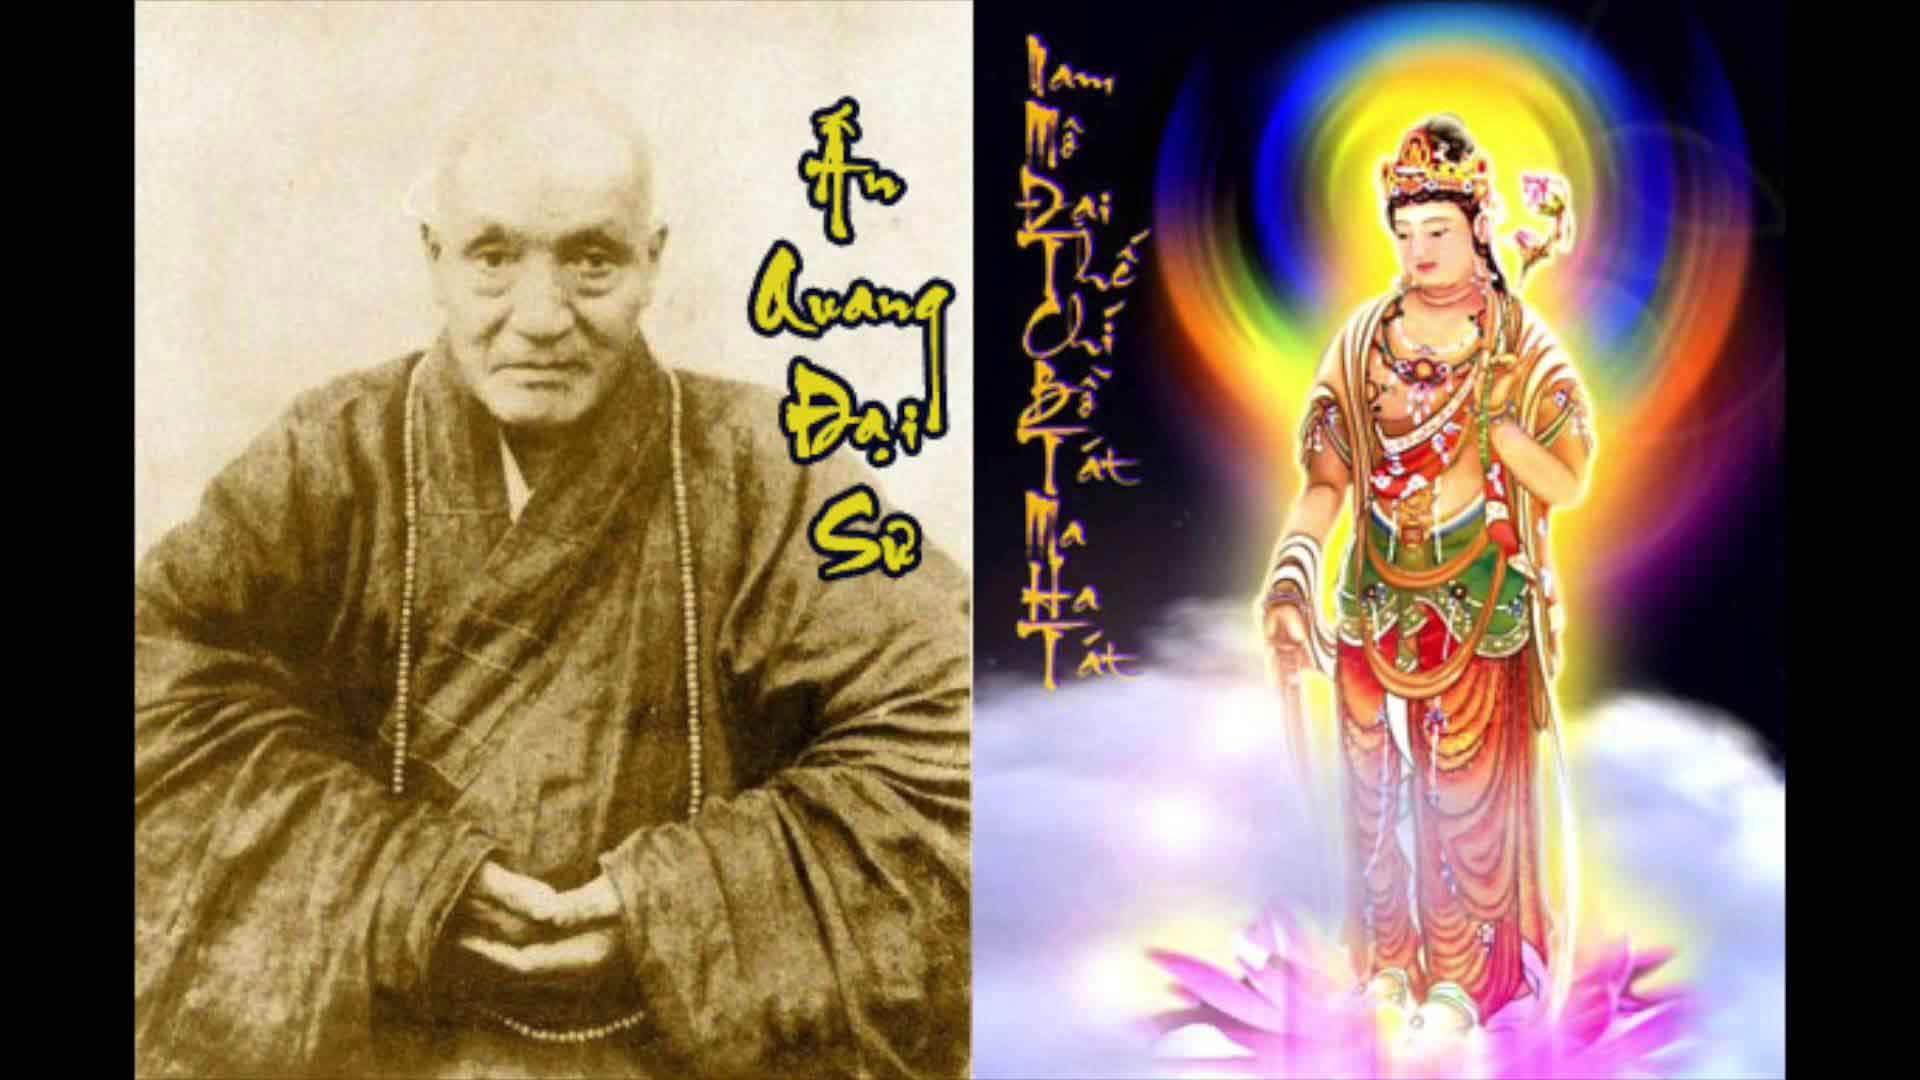 Hình đại diện Người niệm Phật có bị tai nạn hay không?